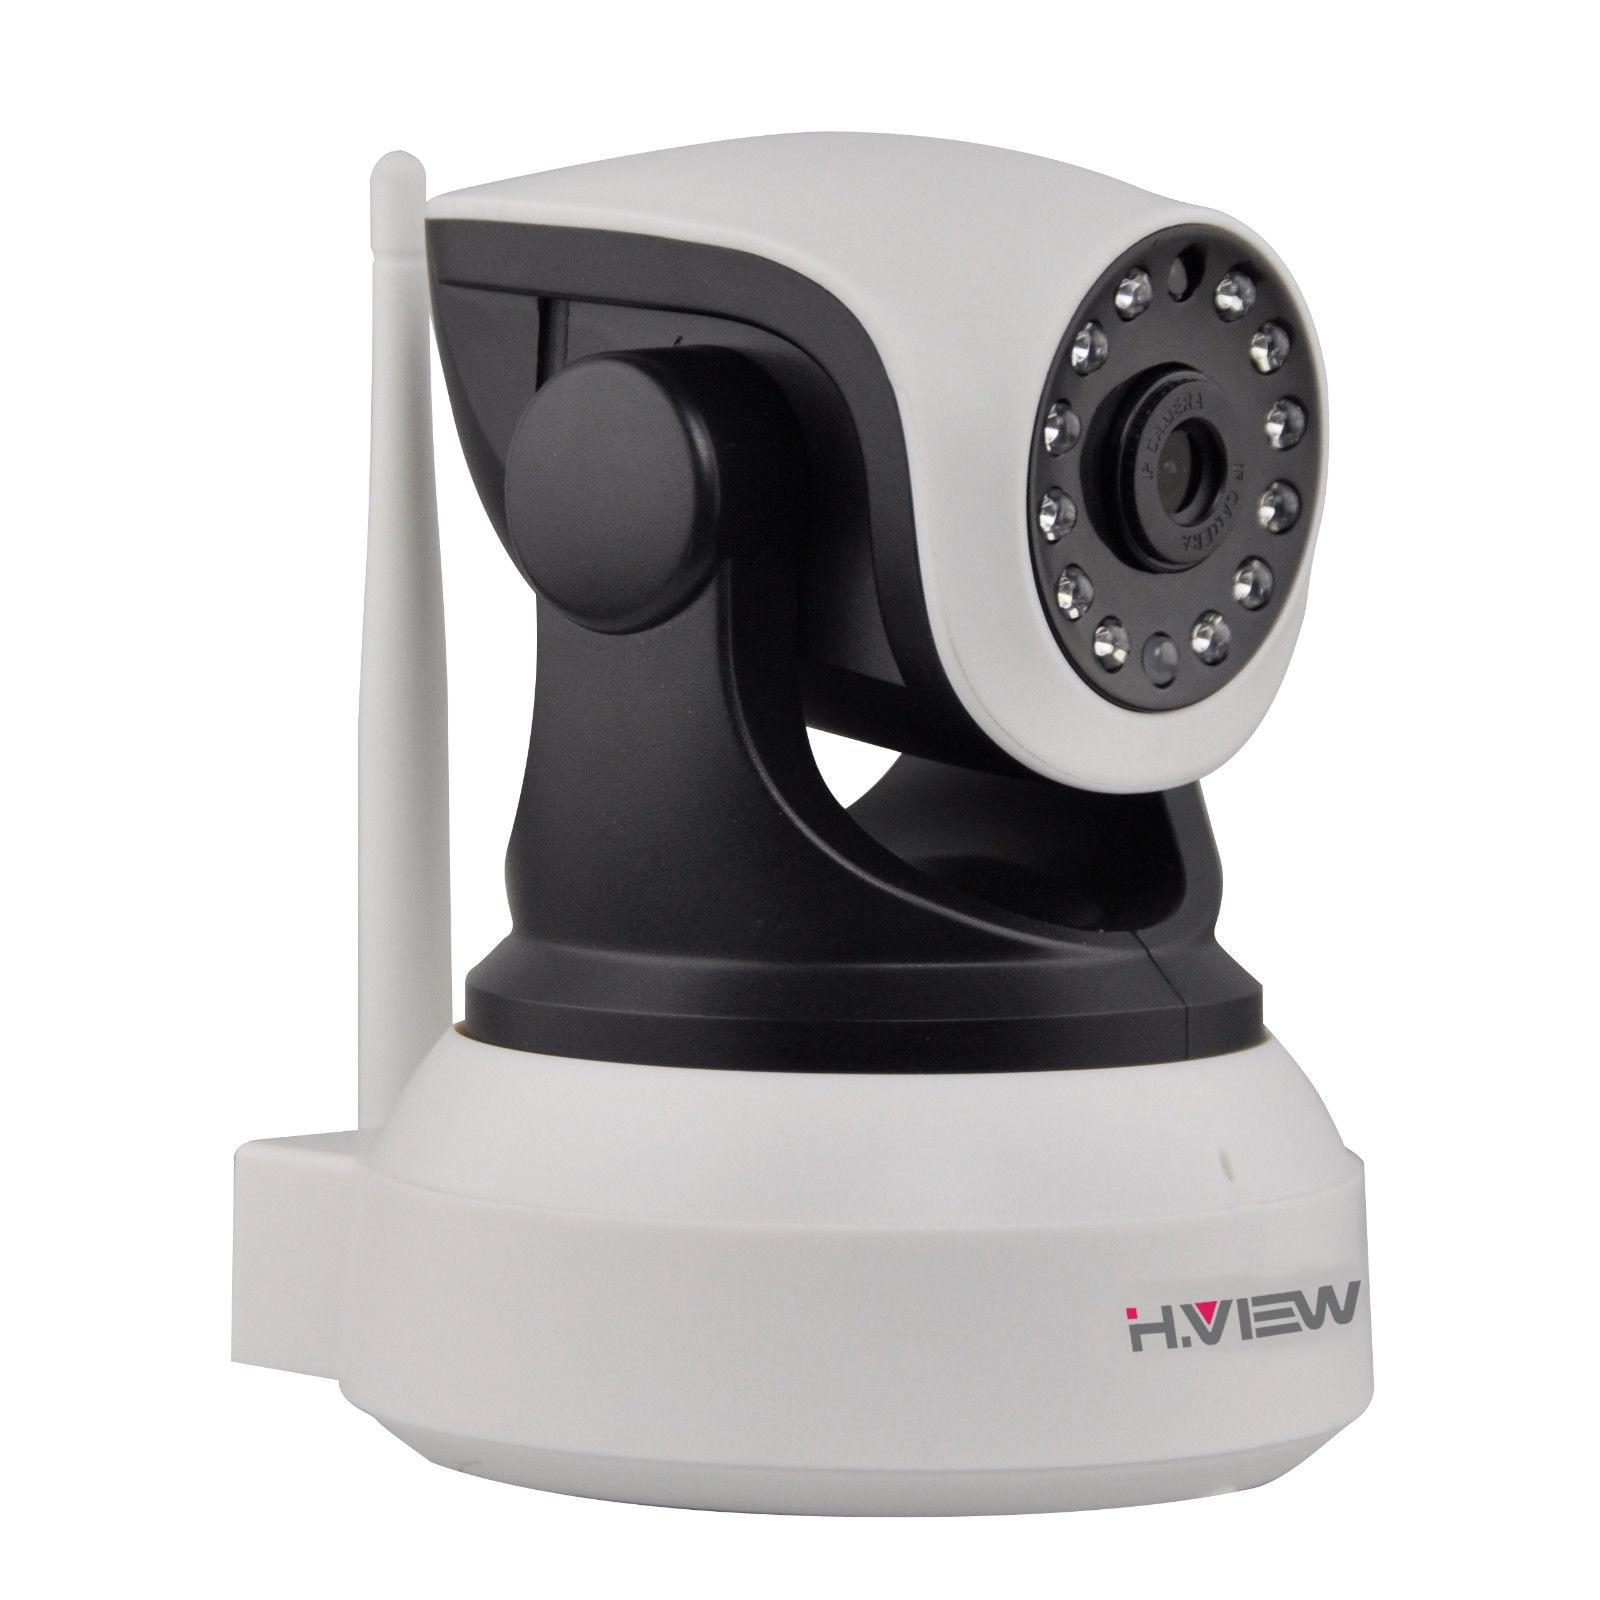 imágenes para H. View WiFi Wireless 720 P Cámara IP WiFi Cámara IP de Dos Vías Monitor Del Bebé Audio Pan Tilt Cámara de Seguridad Fácil de Escanear EL CÓDIGO QR conectar